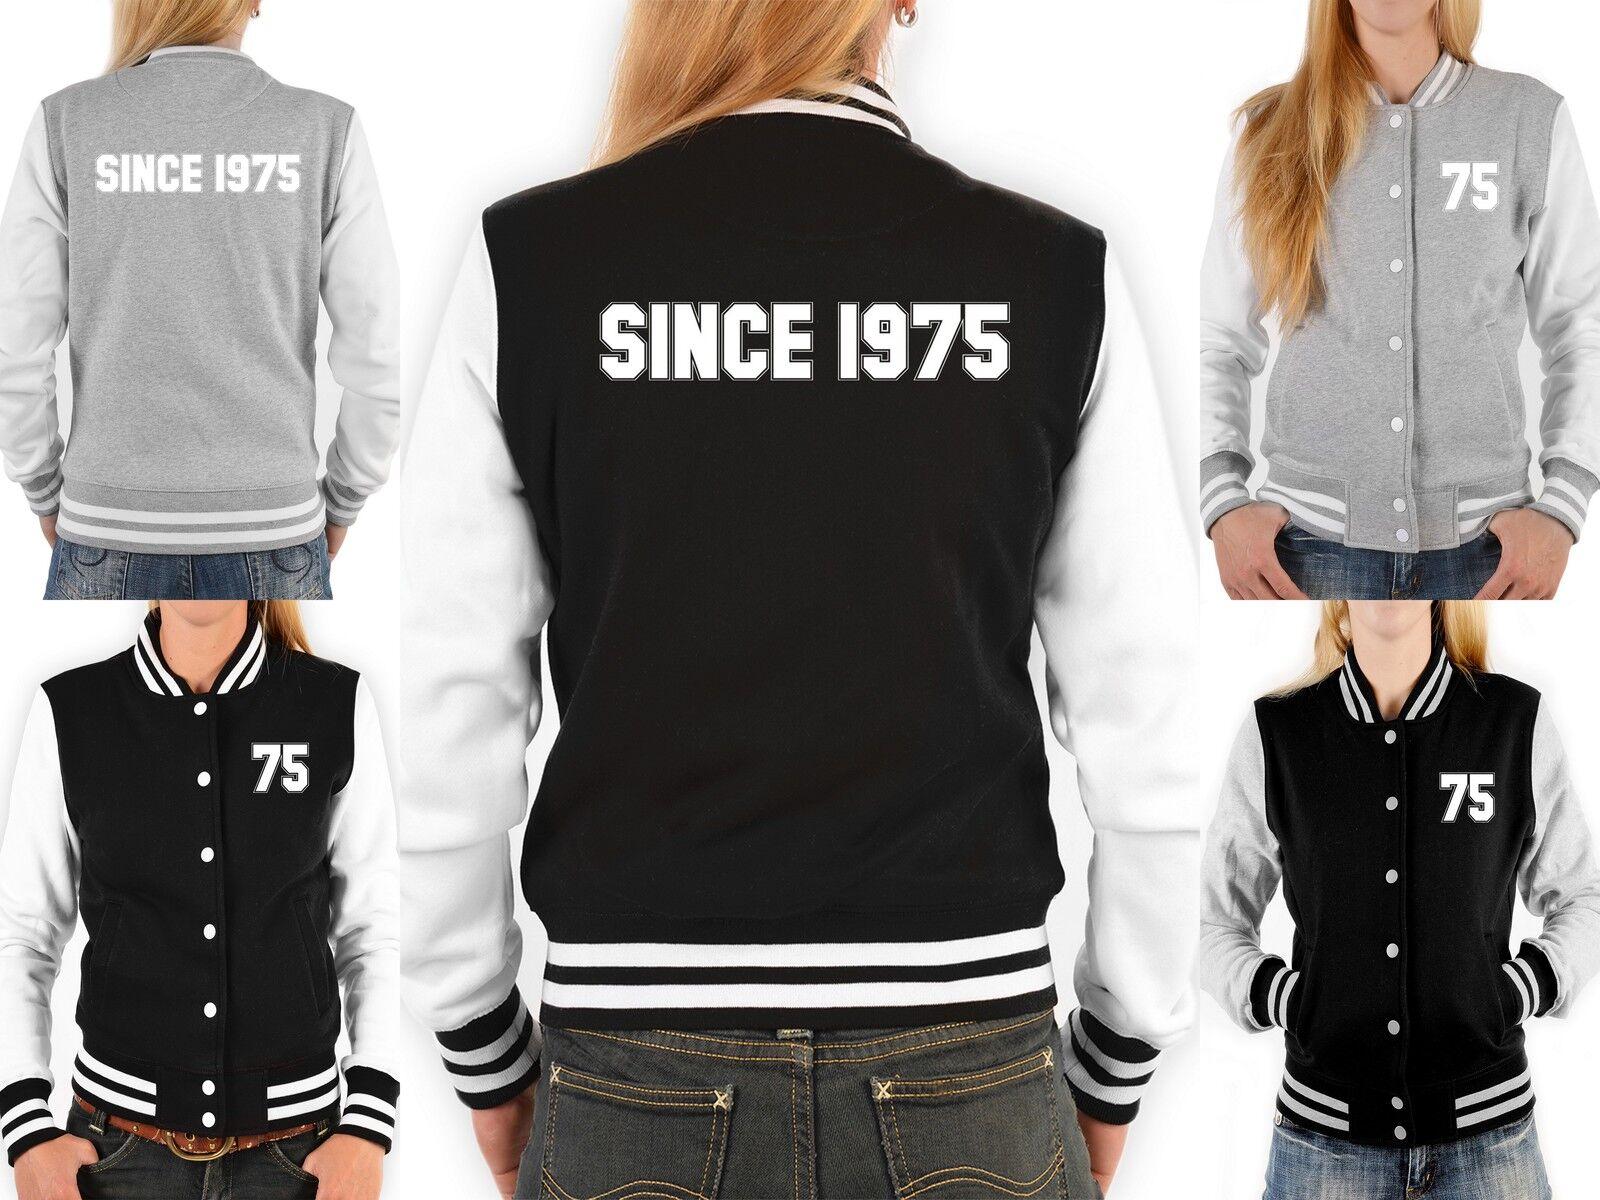 Damen College Jacke - Jahreszahl 1975 - College Sweatjacke Zahl 75   since 1975